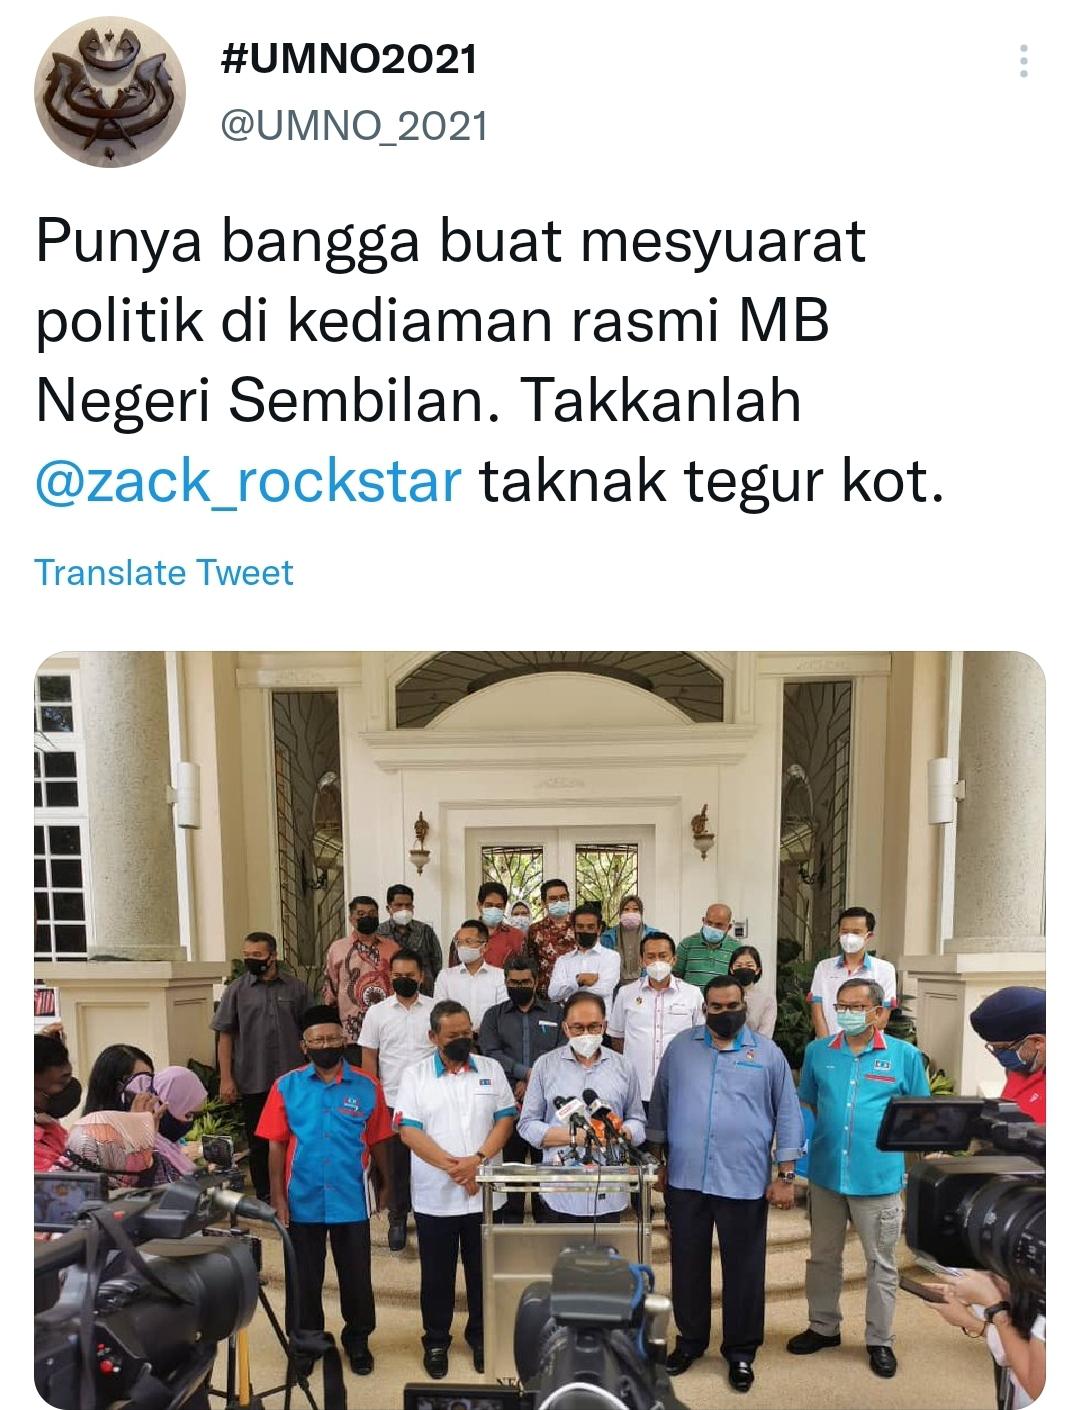 PKR buat meeting di kediaman MB Negeri Sembilan?